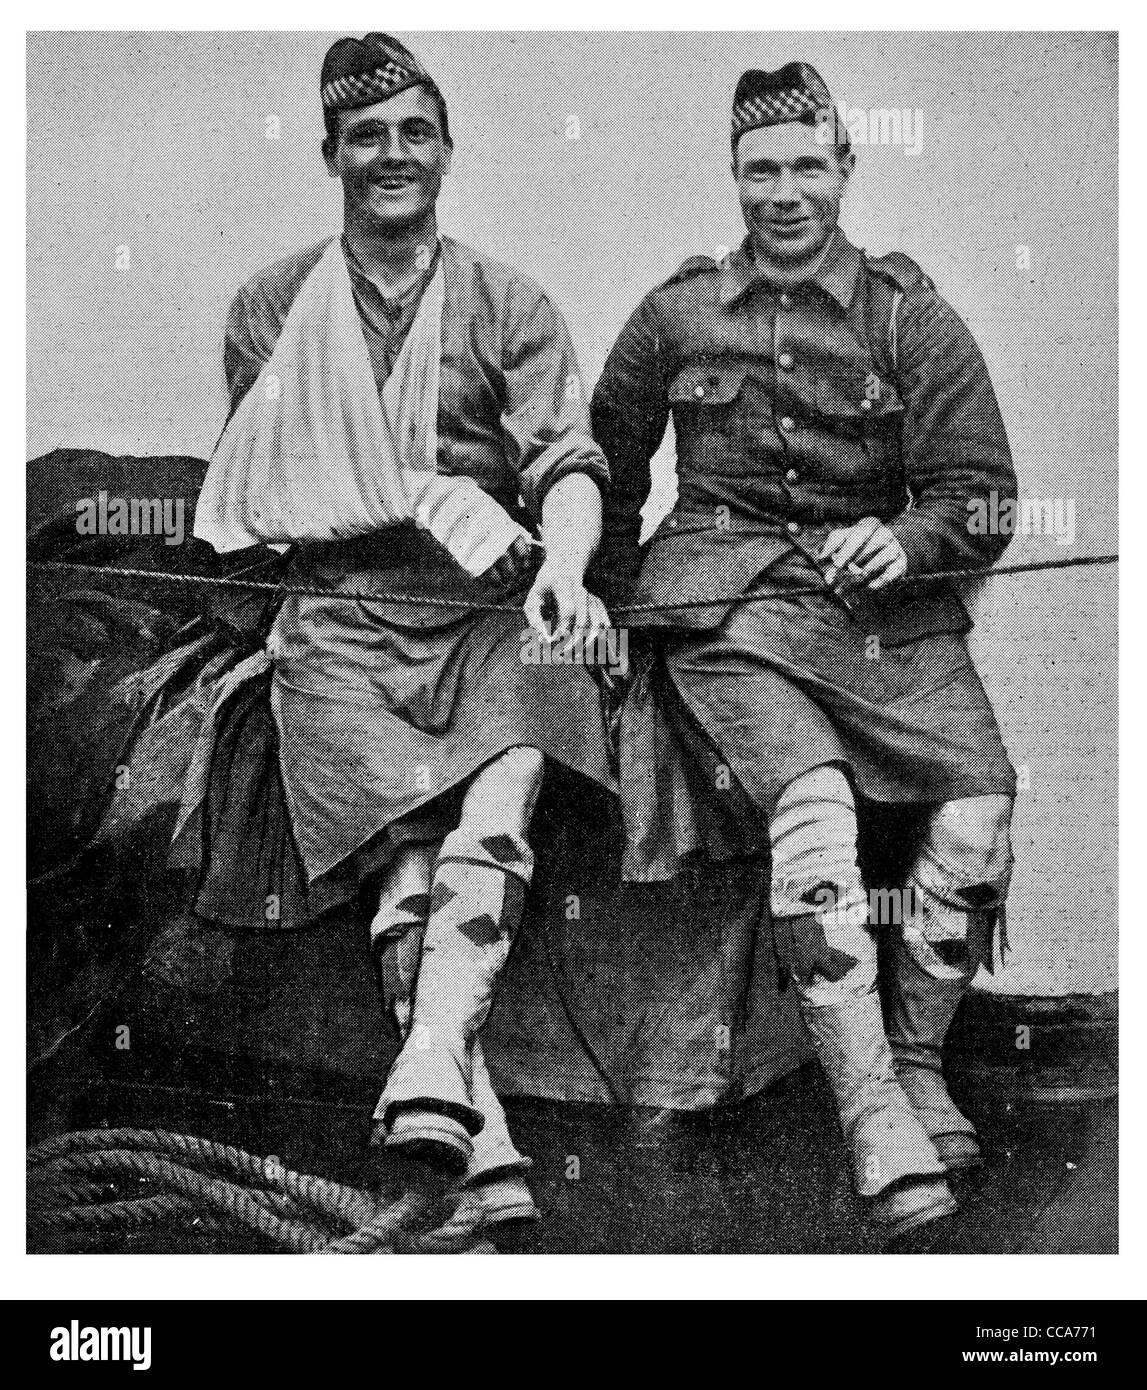 1914 sonriendo valentía heridos héroes Highlander Canal Inglés vaporera barco de transporte uniforme falda escocesa Scottish inicio ayuda Foto de stock